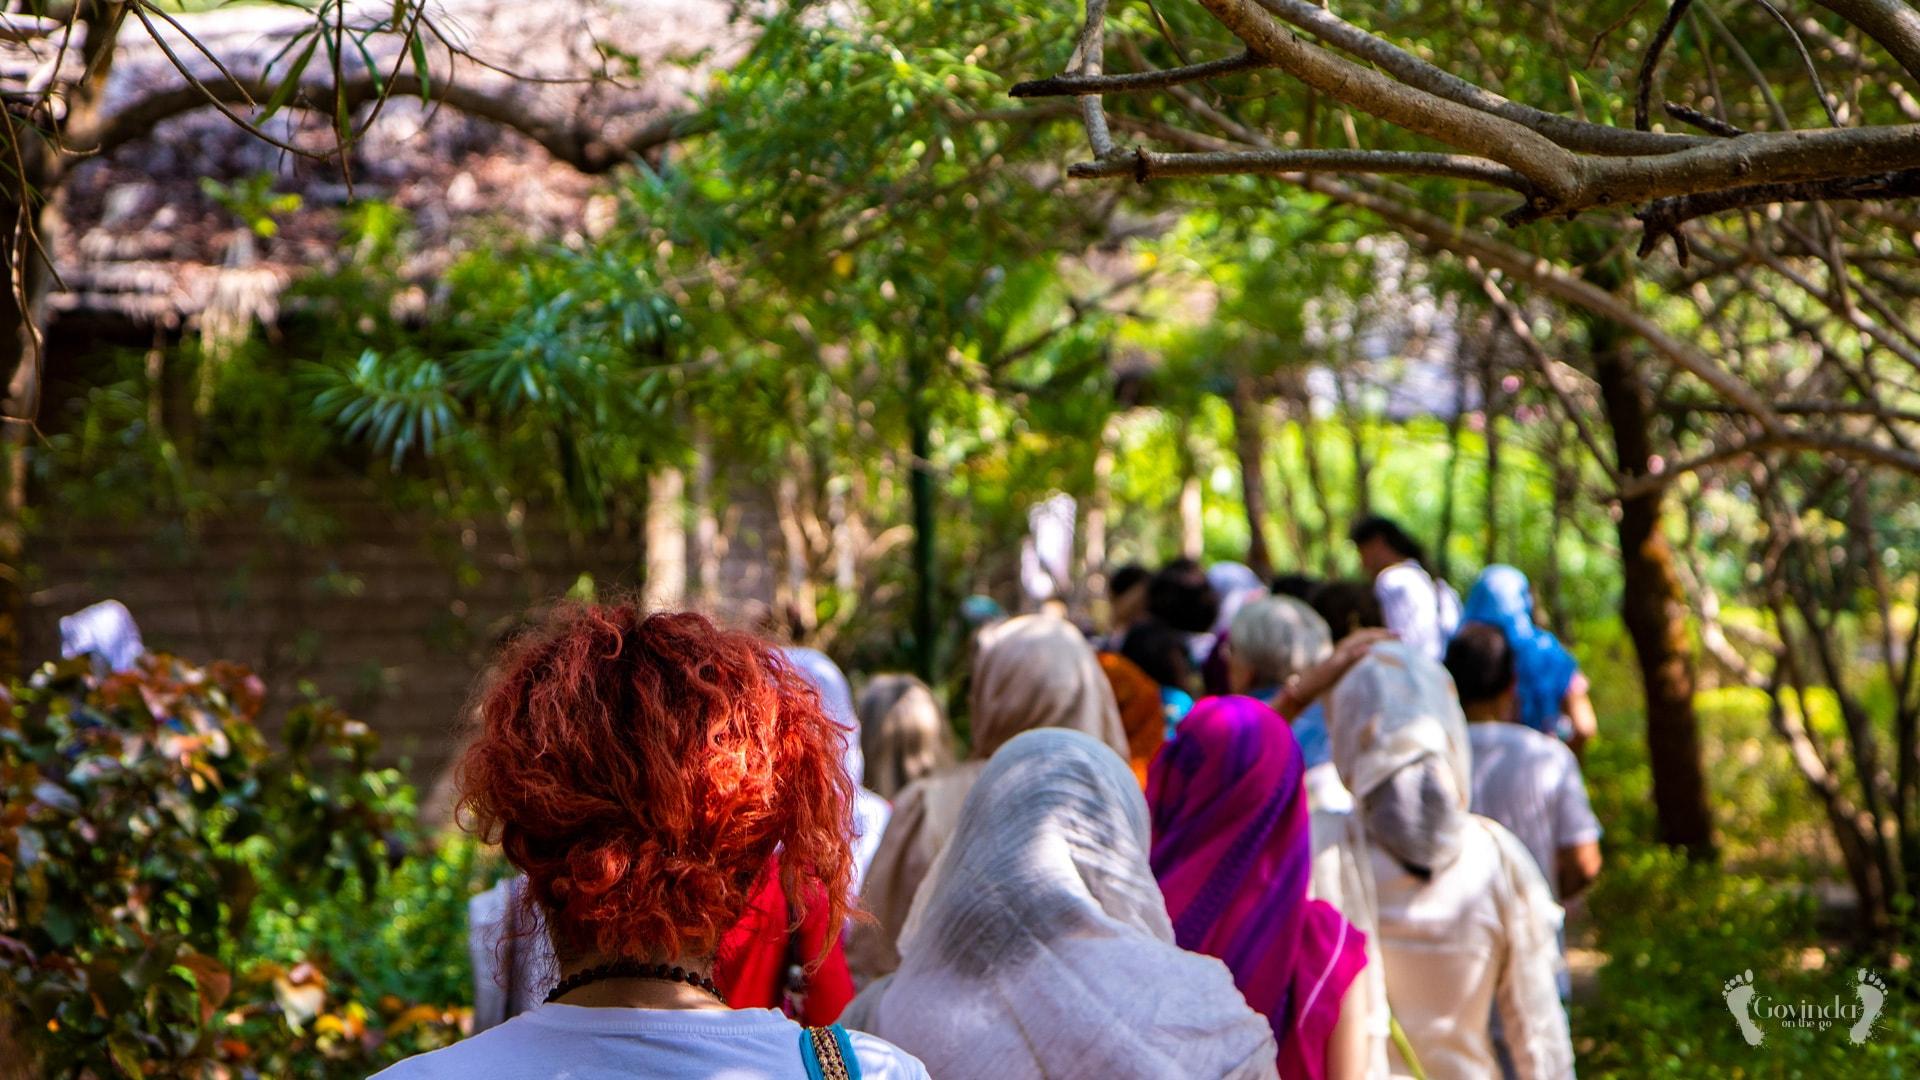 Japa walk in Lotus eco resort in Konark